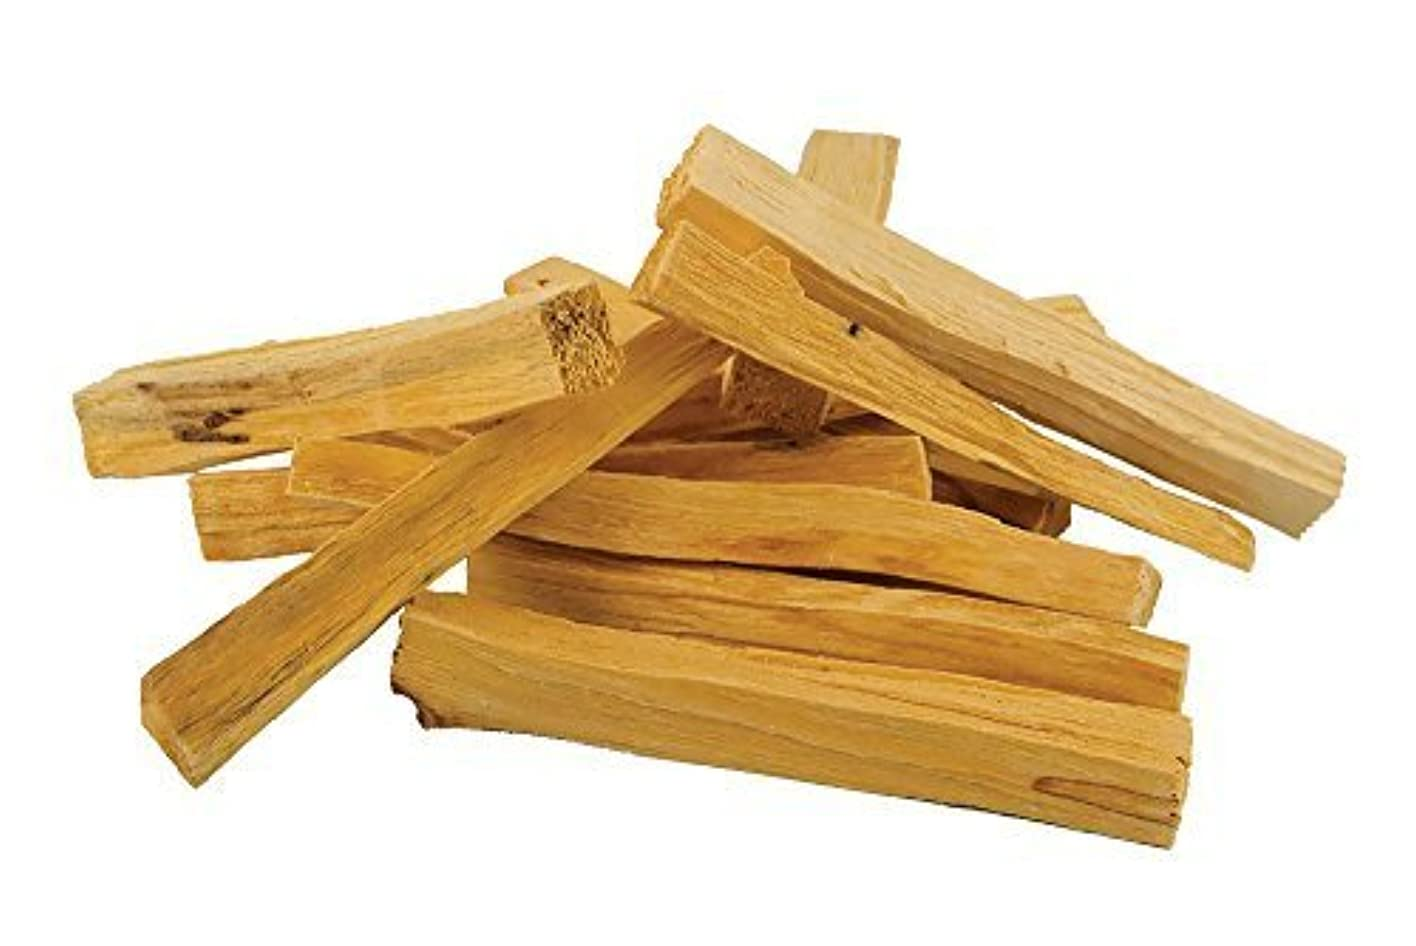 文庫本直径栄養Palo SantoペルーHoly Wood Sticks – 1ポンドバッグ